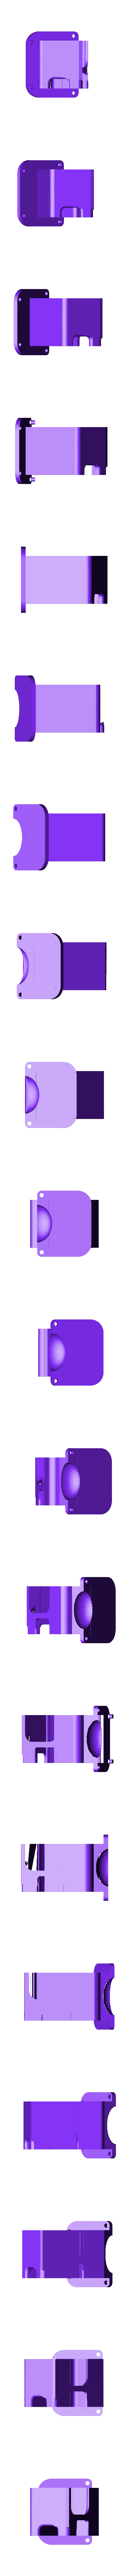 Mark_II_HERO7.stl Download free STL file GepRC Mark II Gopro HERO 7 Mount • 3D printable template, Gophy